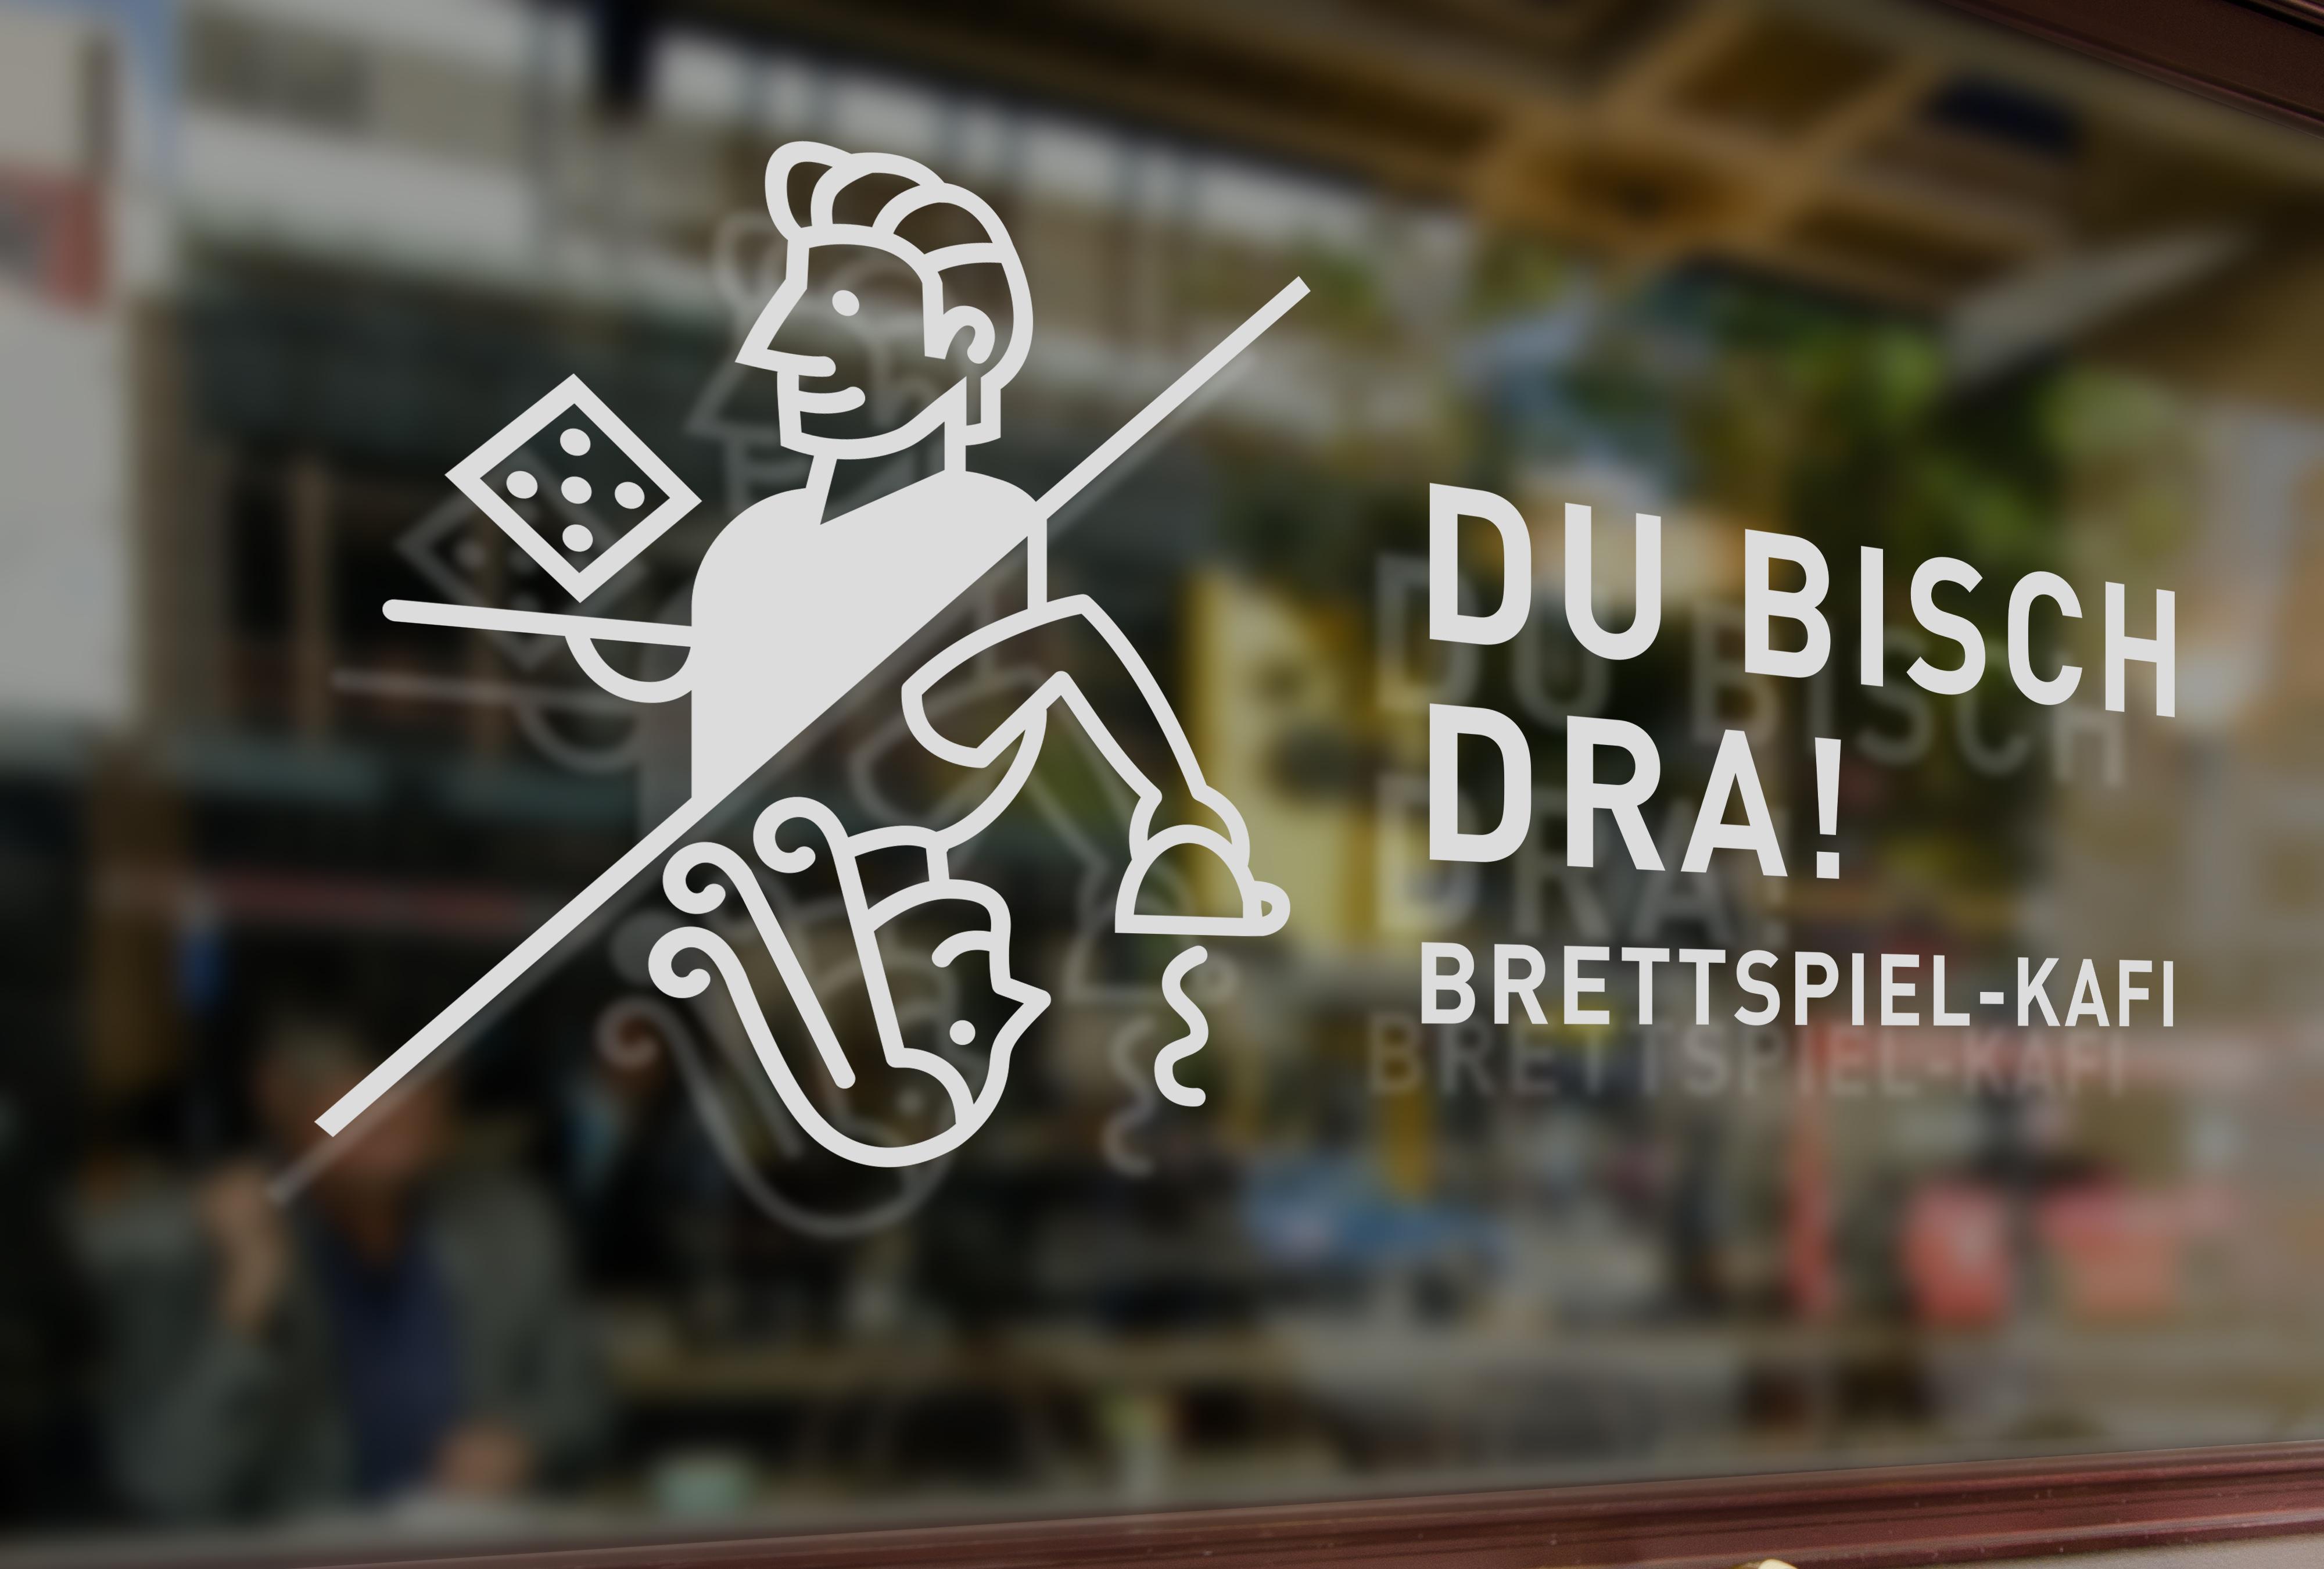 DuBischDra Brettspiel-Café